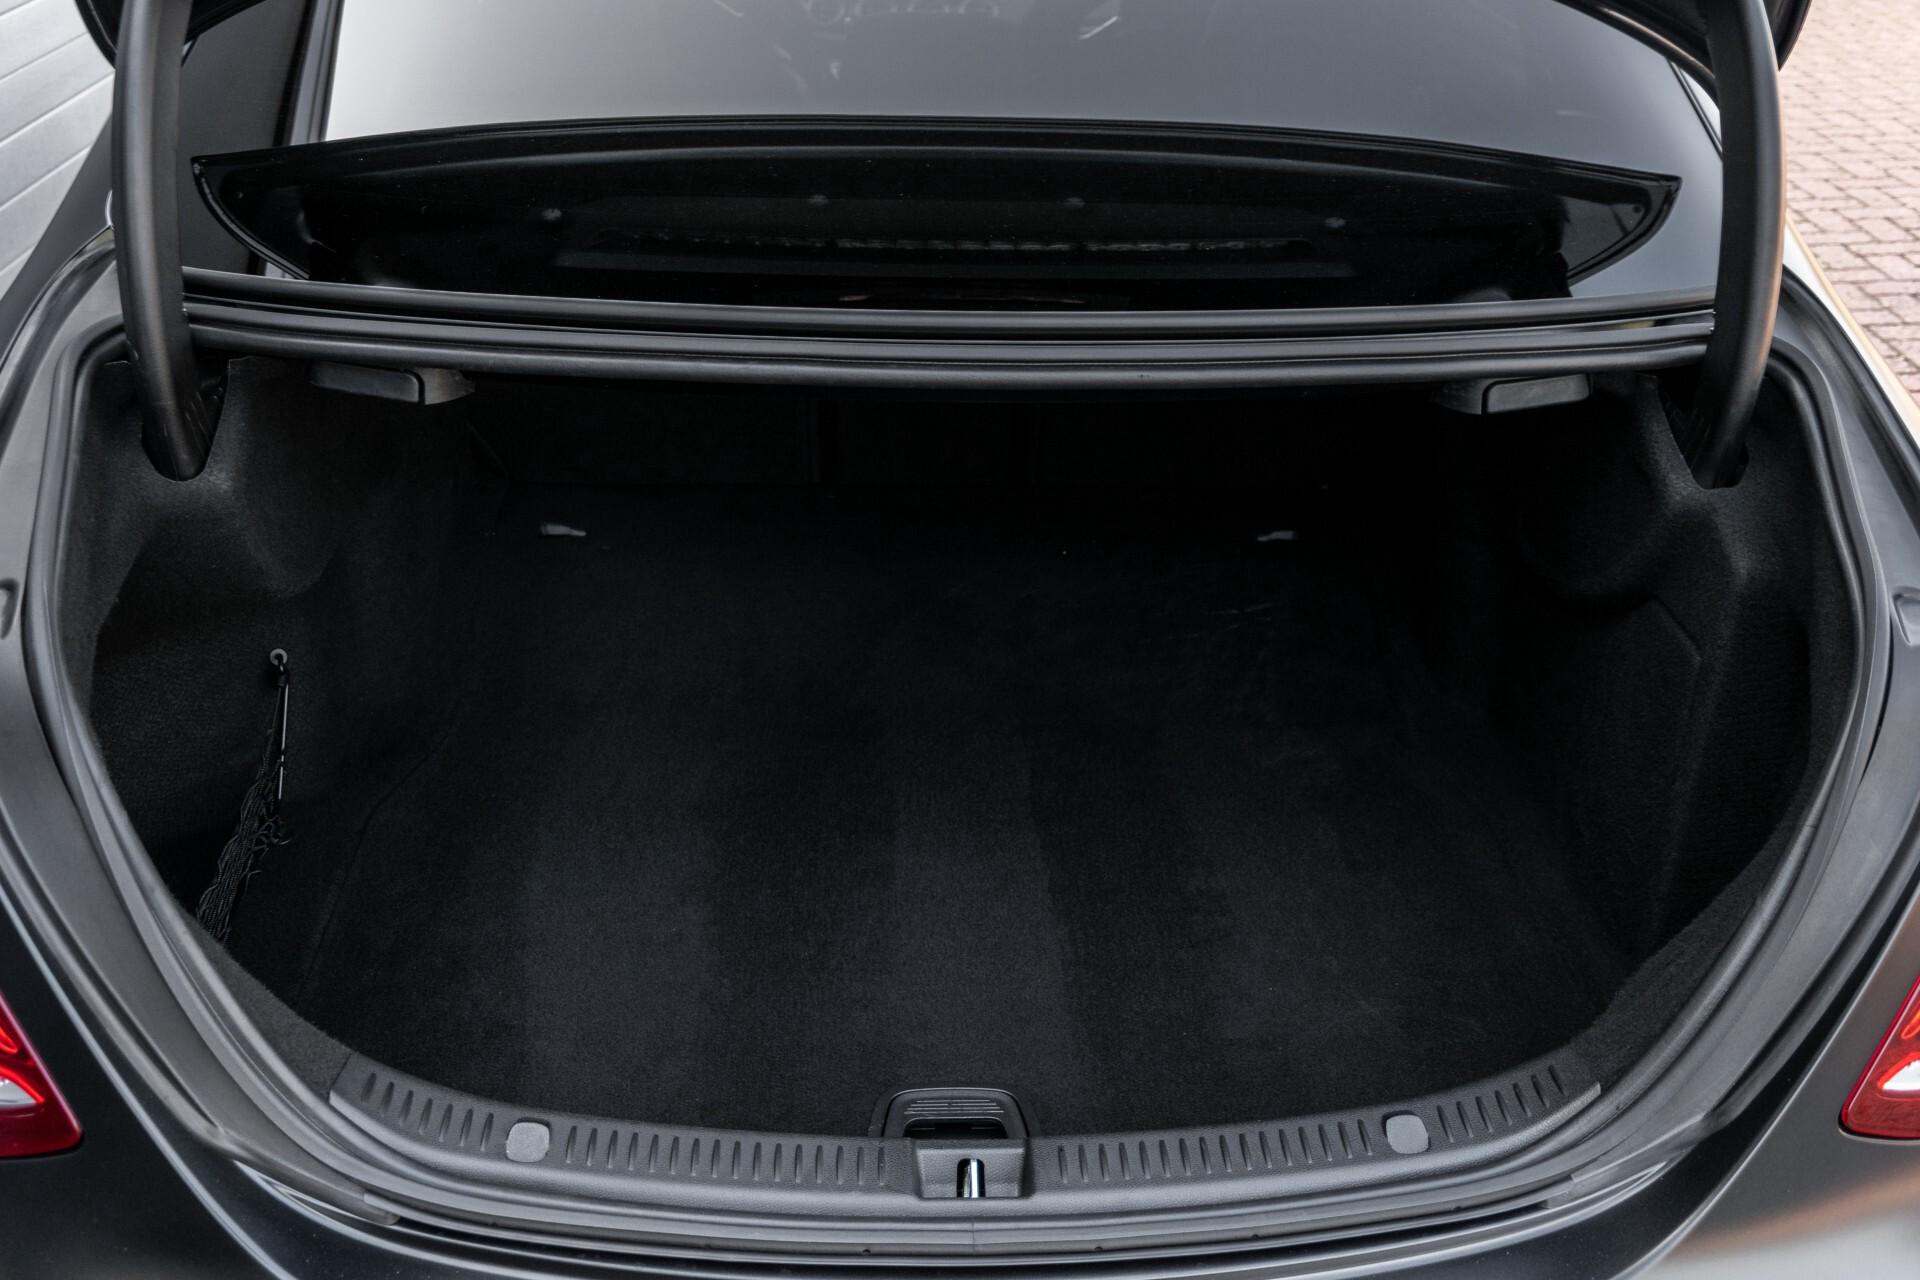 Mercedes-Benz E-Klasse 63 S AMG 4-Matic+ Edition 1 Matzwart/Carbon/Full Options Aut9 Foto 74